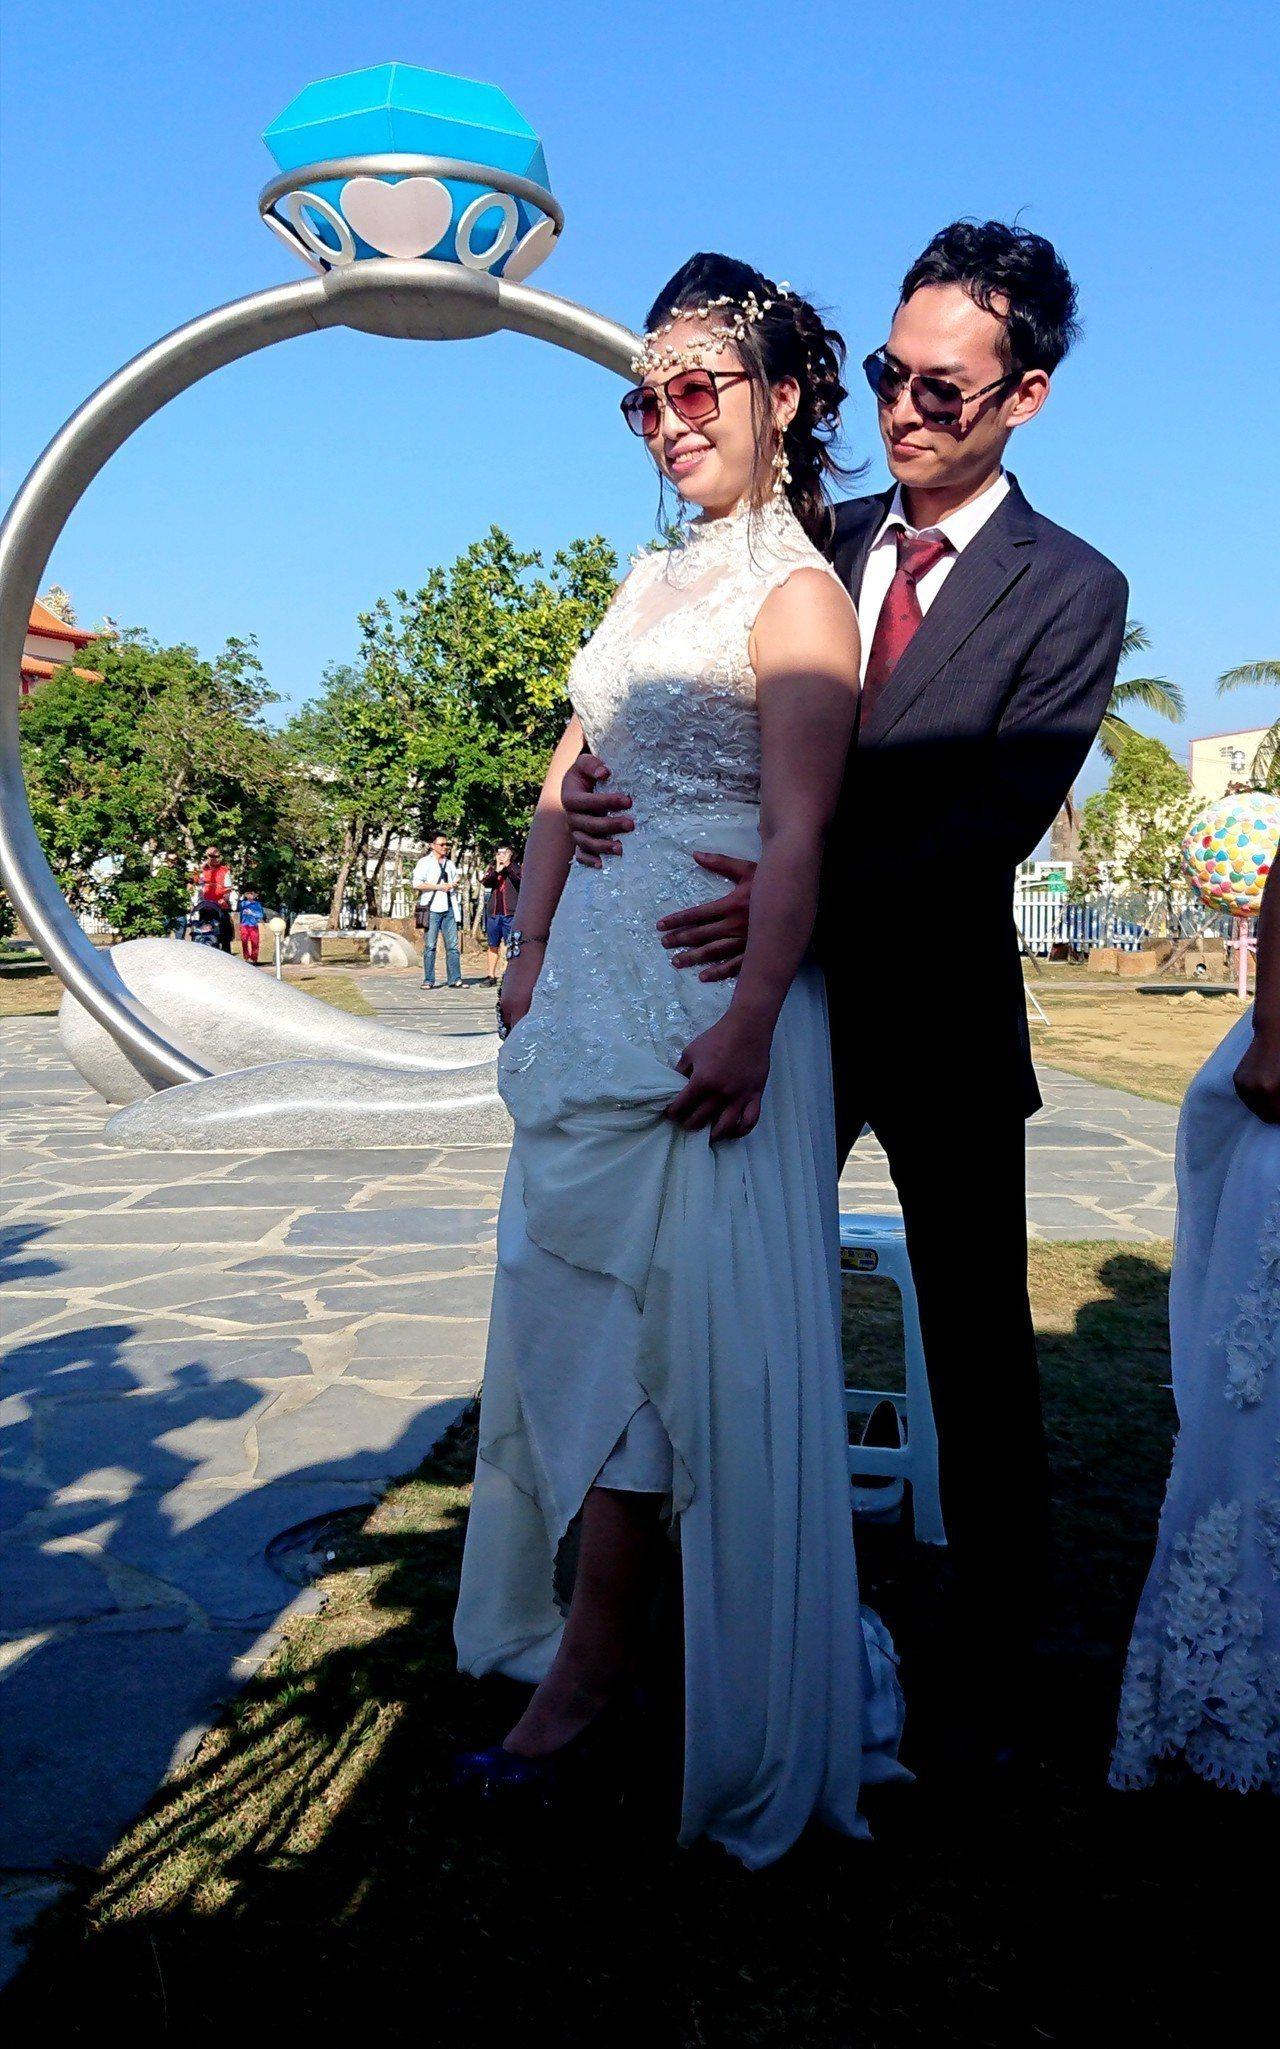 新郎為新娘穿上藍色高跟鞋後合影。記者卜敏正/攝影